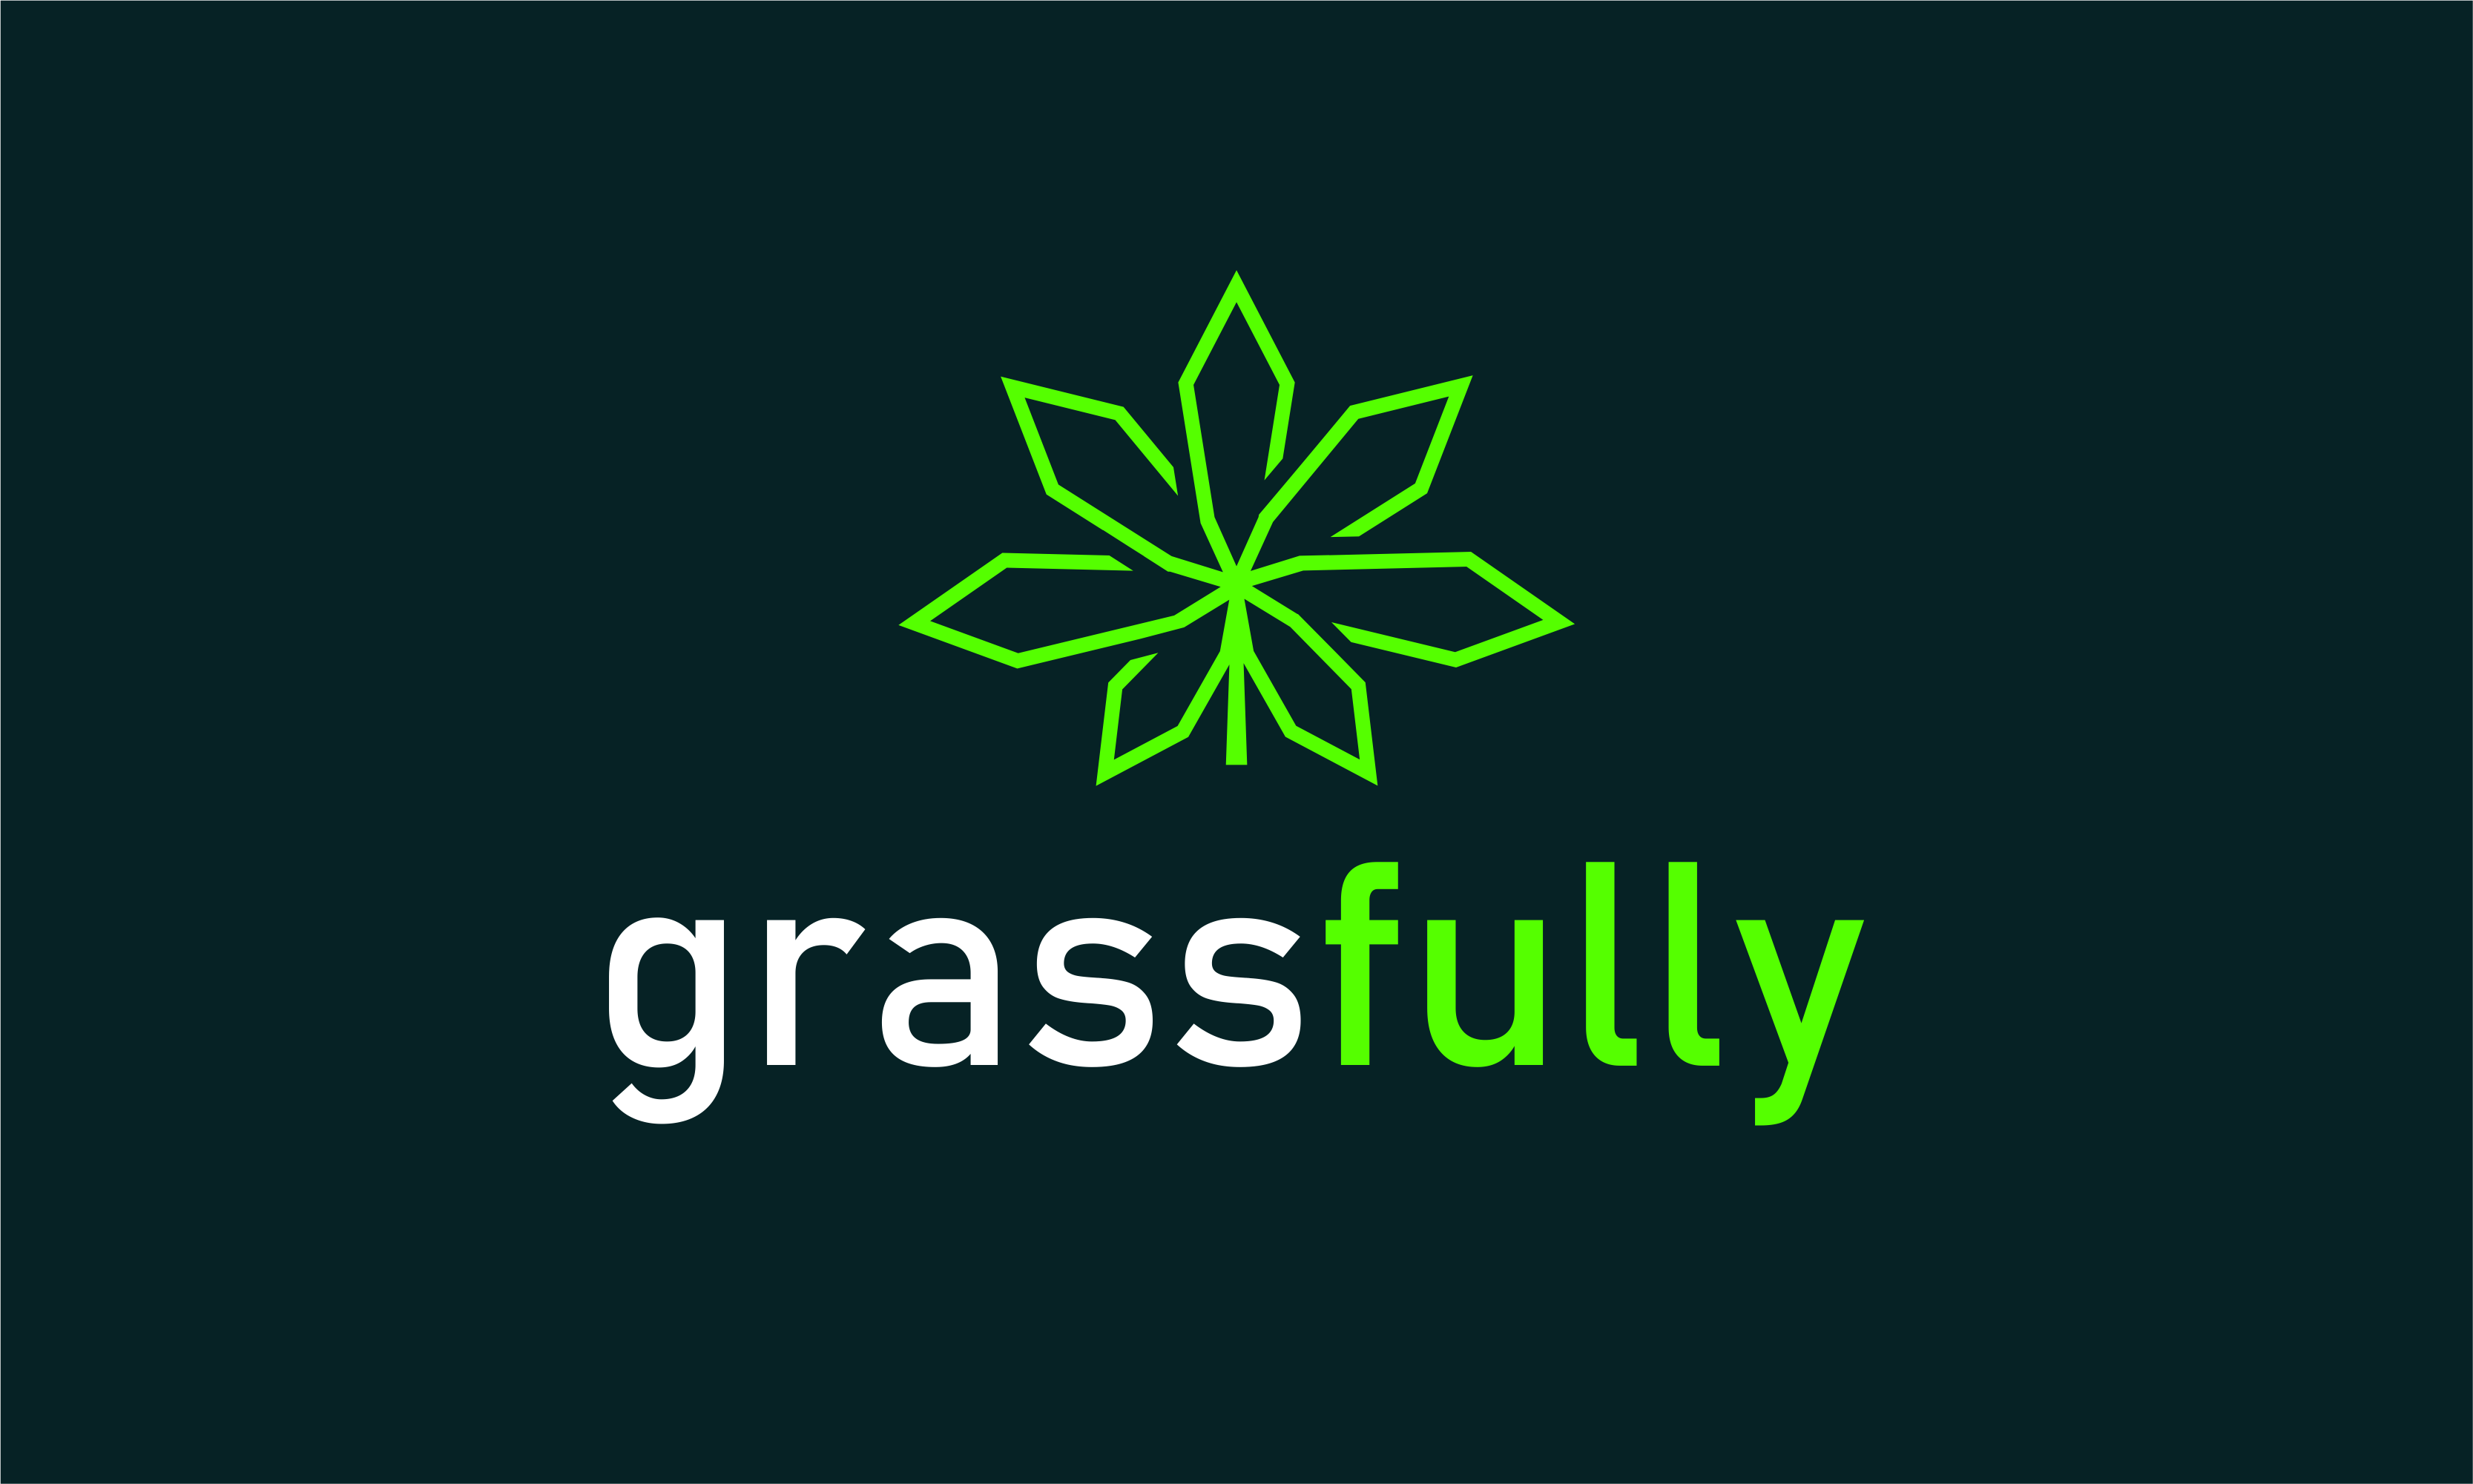 Grassfully